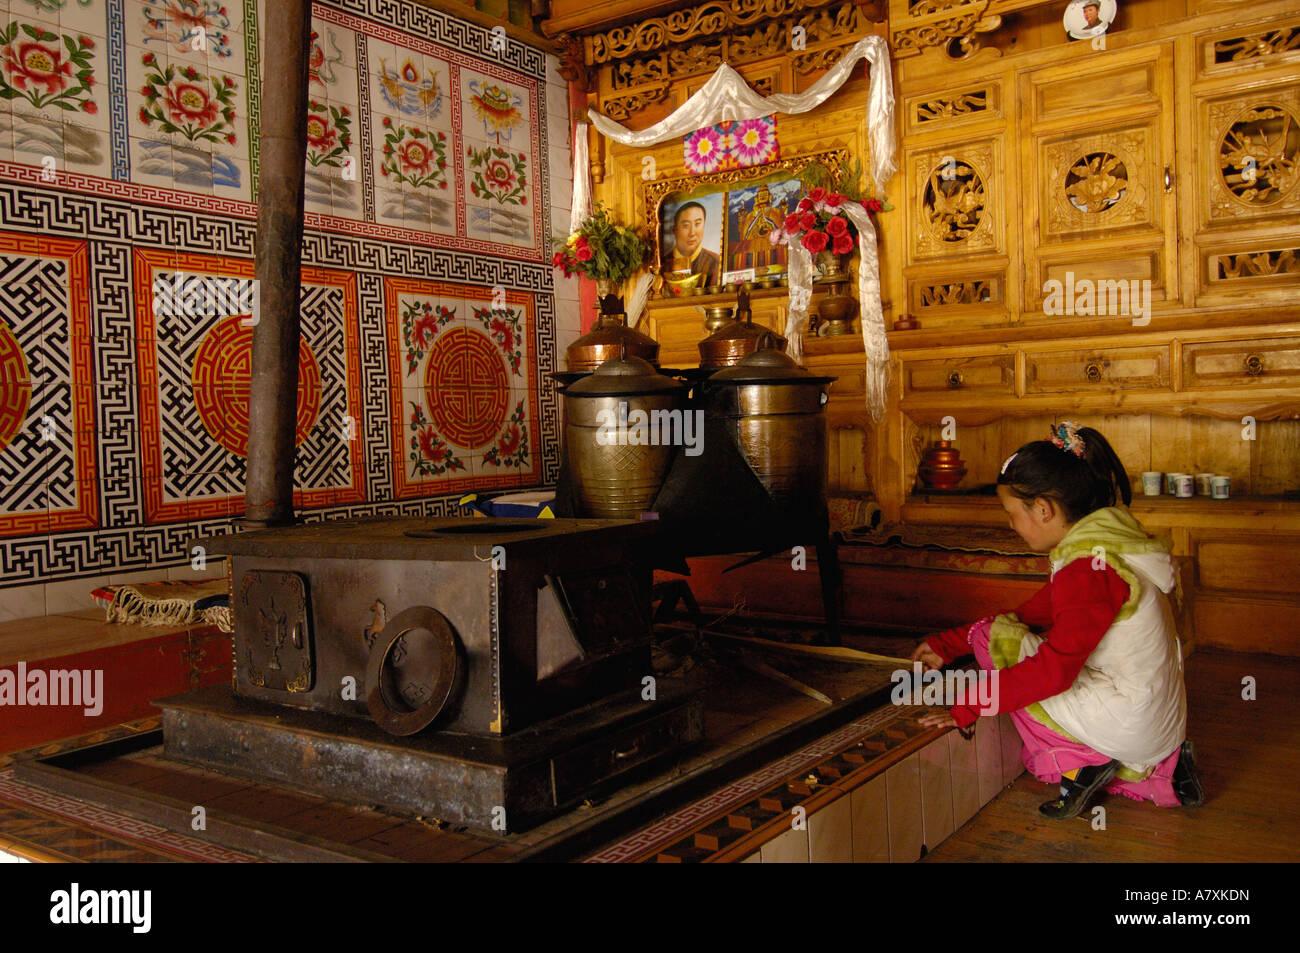 Küche oder Kochnische innerhalb einer tibetischen Hauses